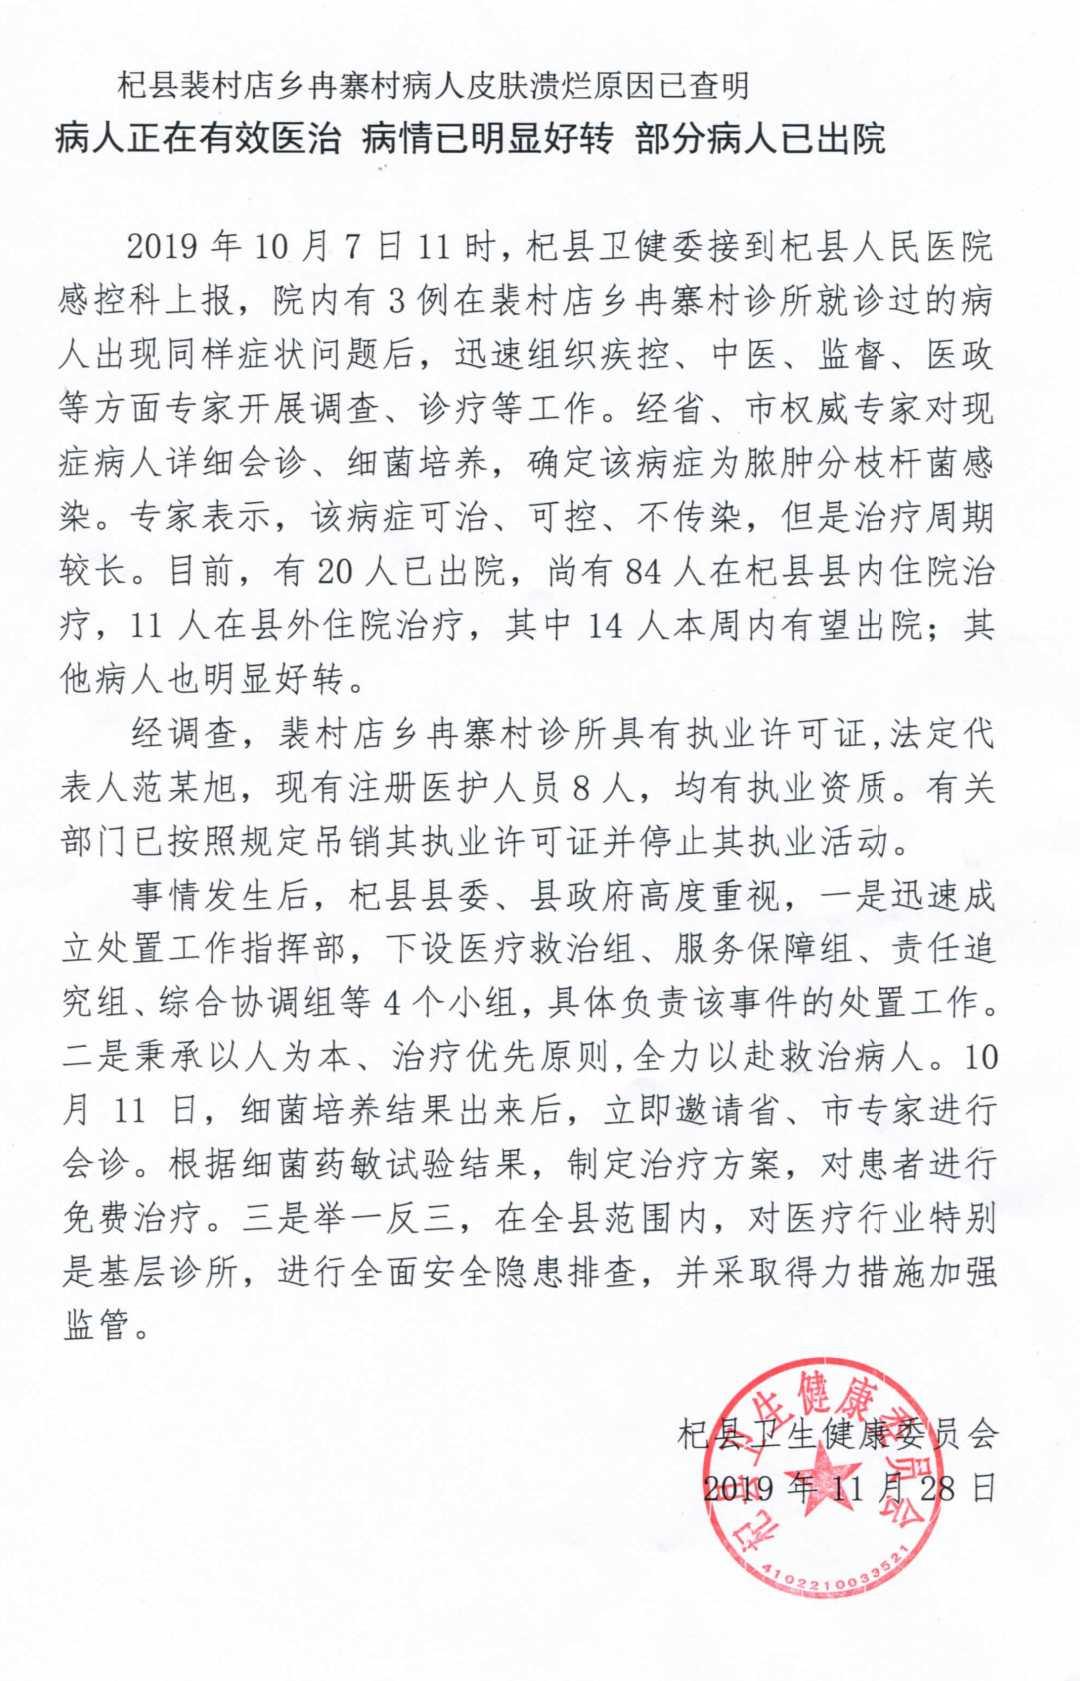 """""""河南杞县针灸致病人皮肤溃烂""""事件 官方发布情况说明"""